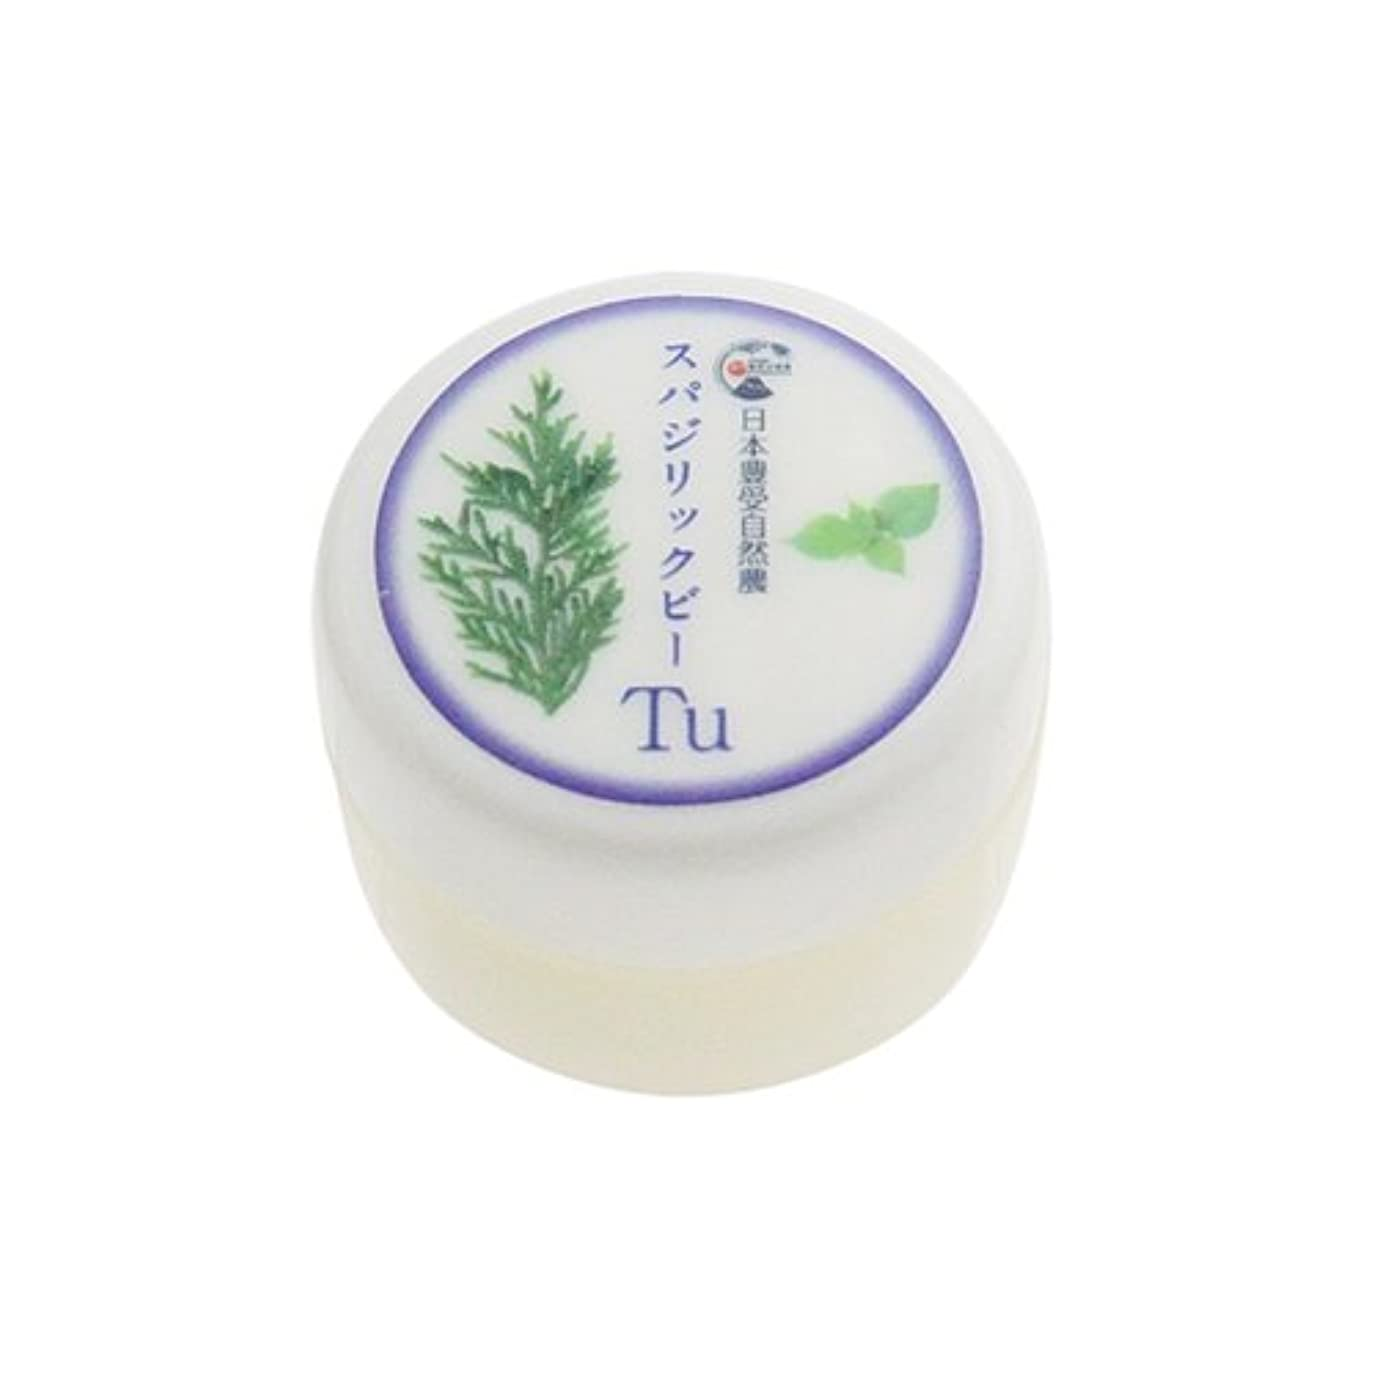 感覚楽しい隙間日本豊受自然農 スパジリック ビーTu(小) 10g